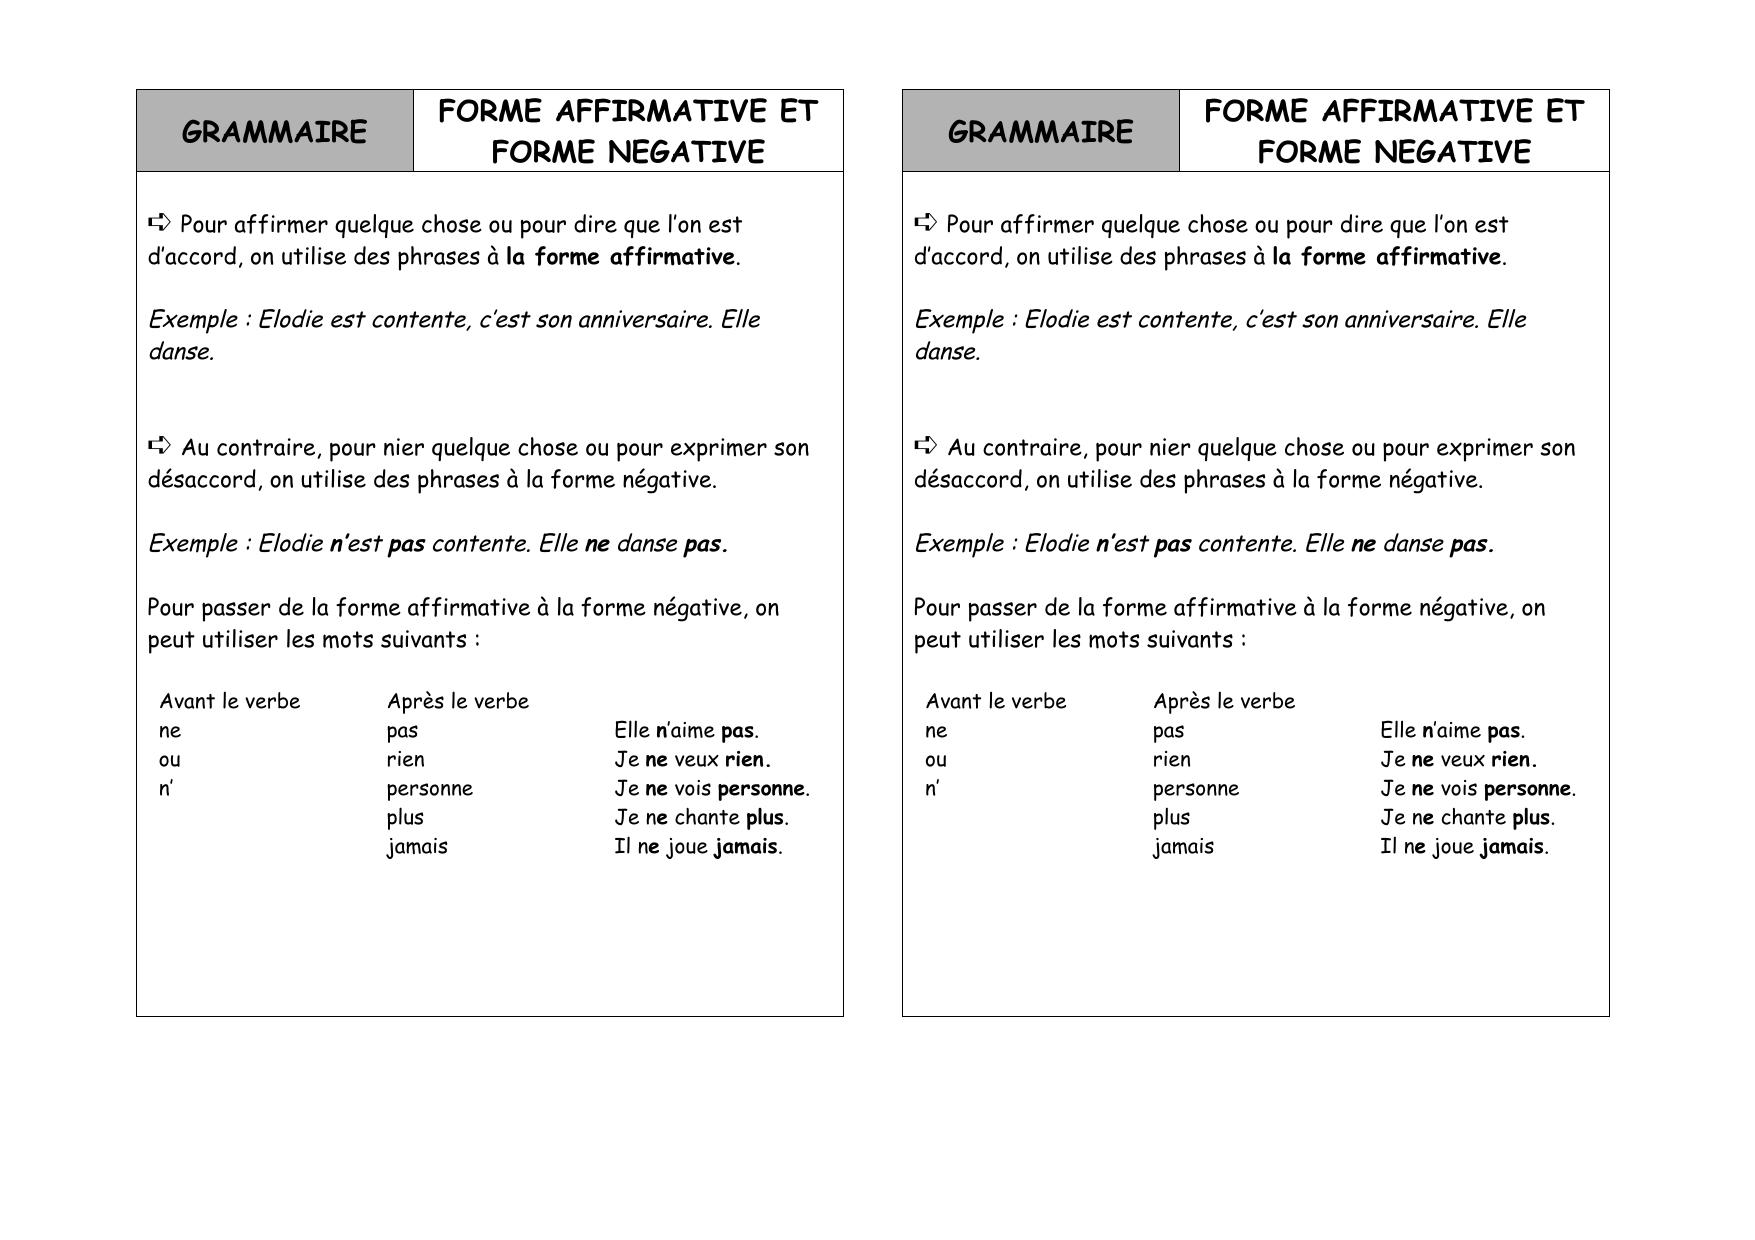 Grammaire Forme Affirmative Et Forme Negative